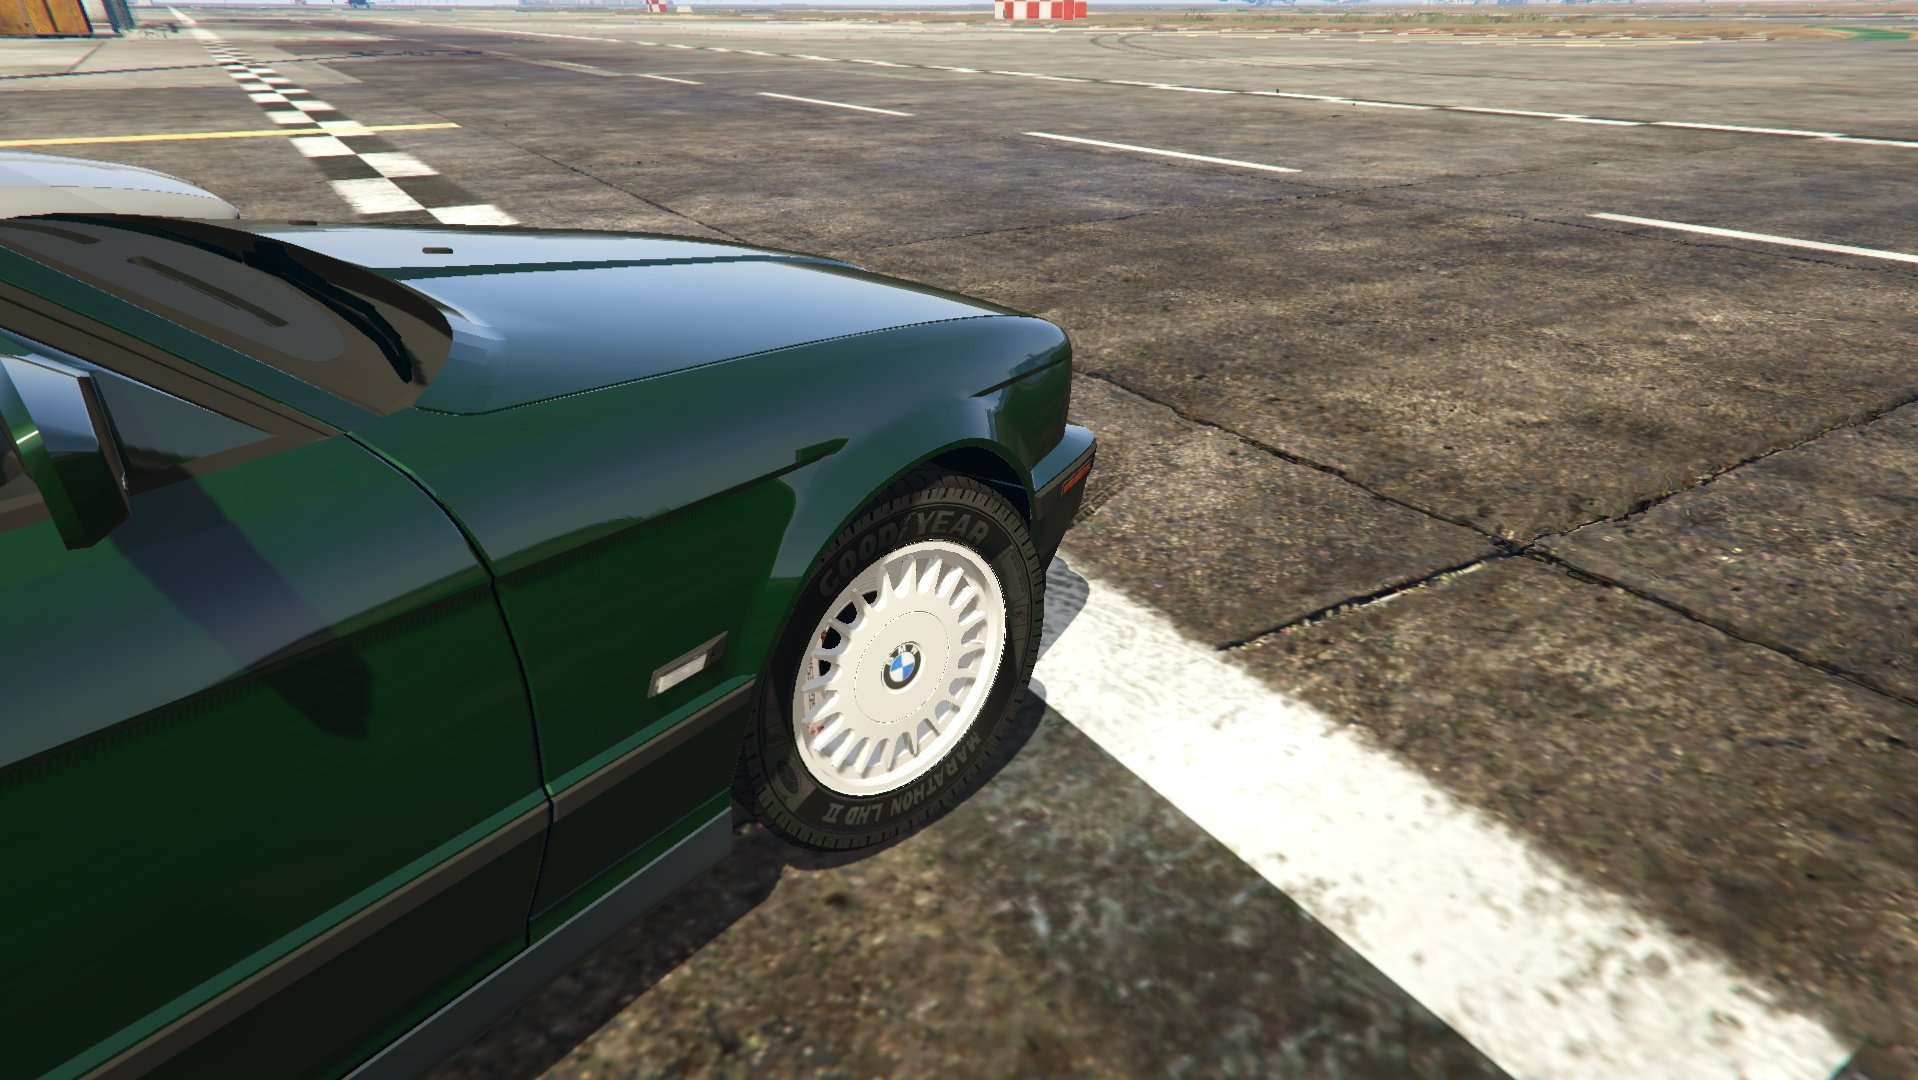 Bmw E34 1991 M5 Bmw M3 E36 Touring Gta5 Mods Com